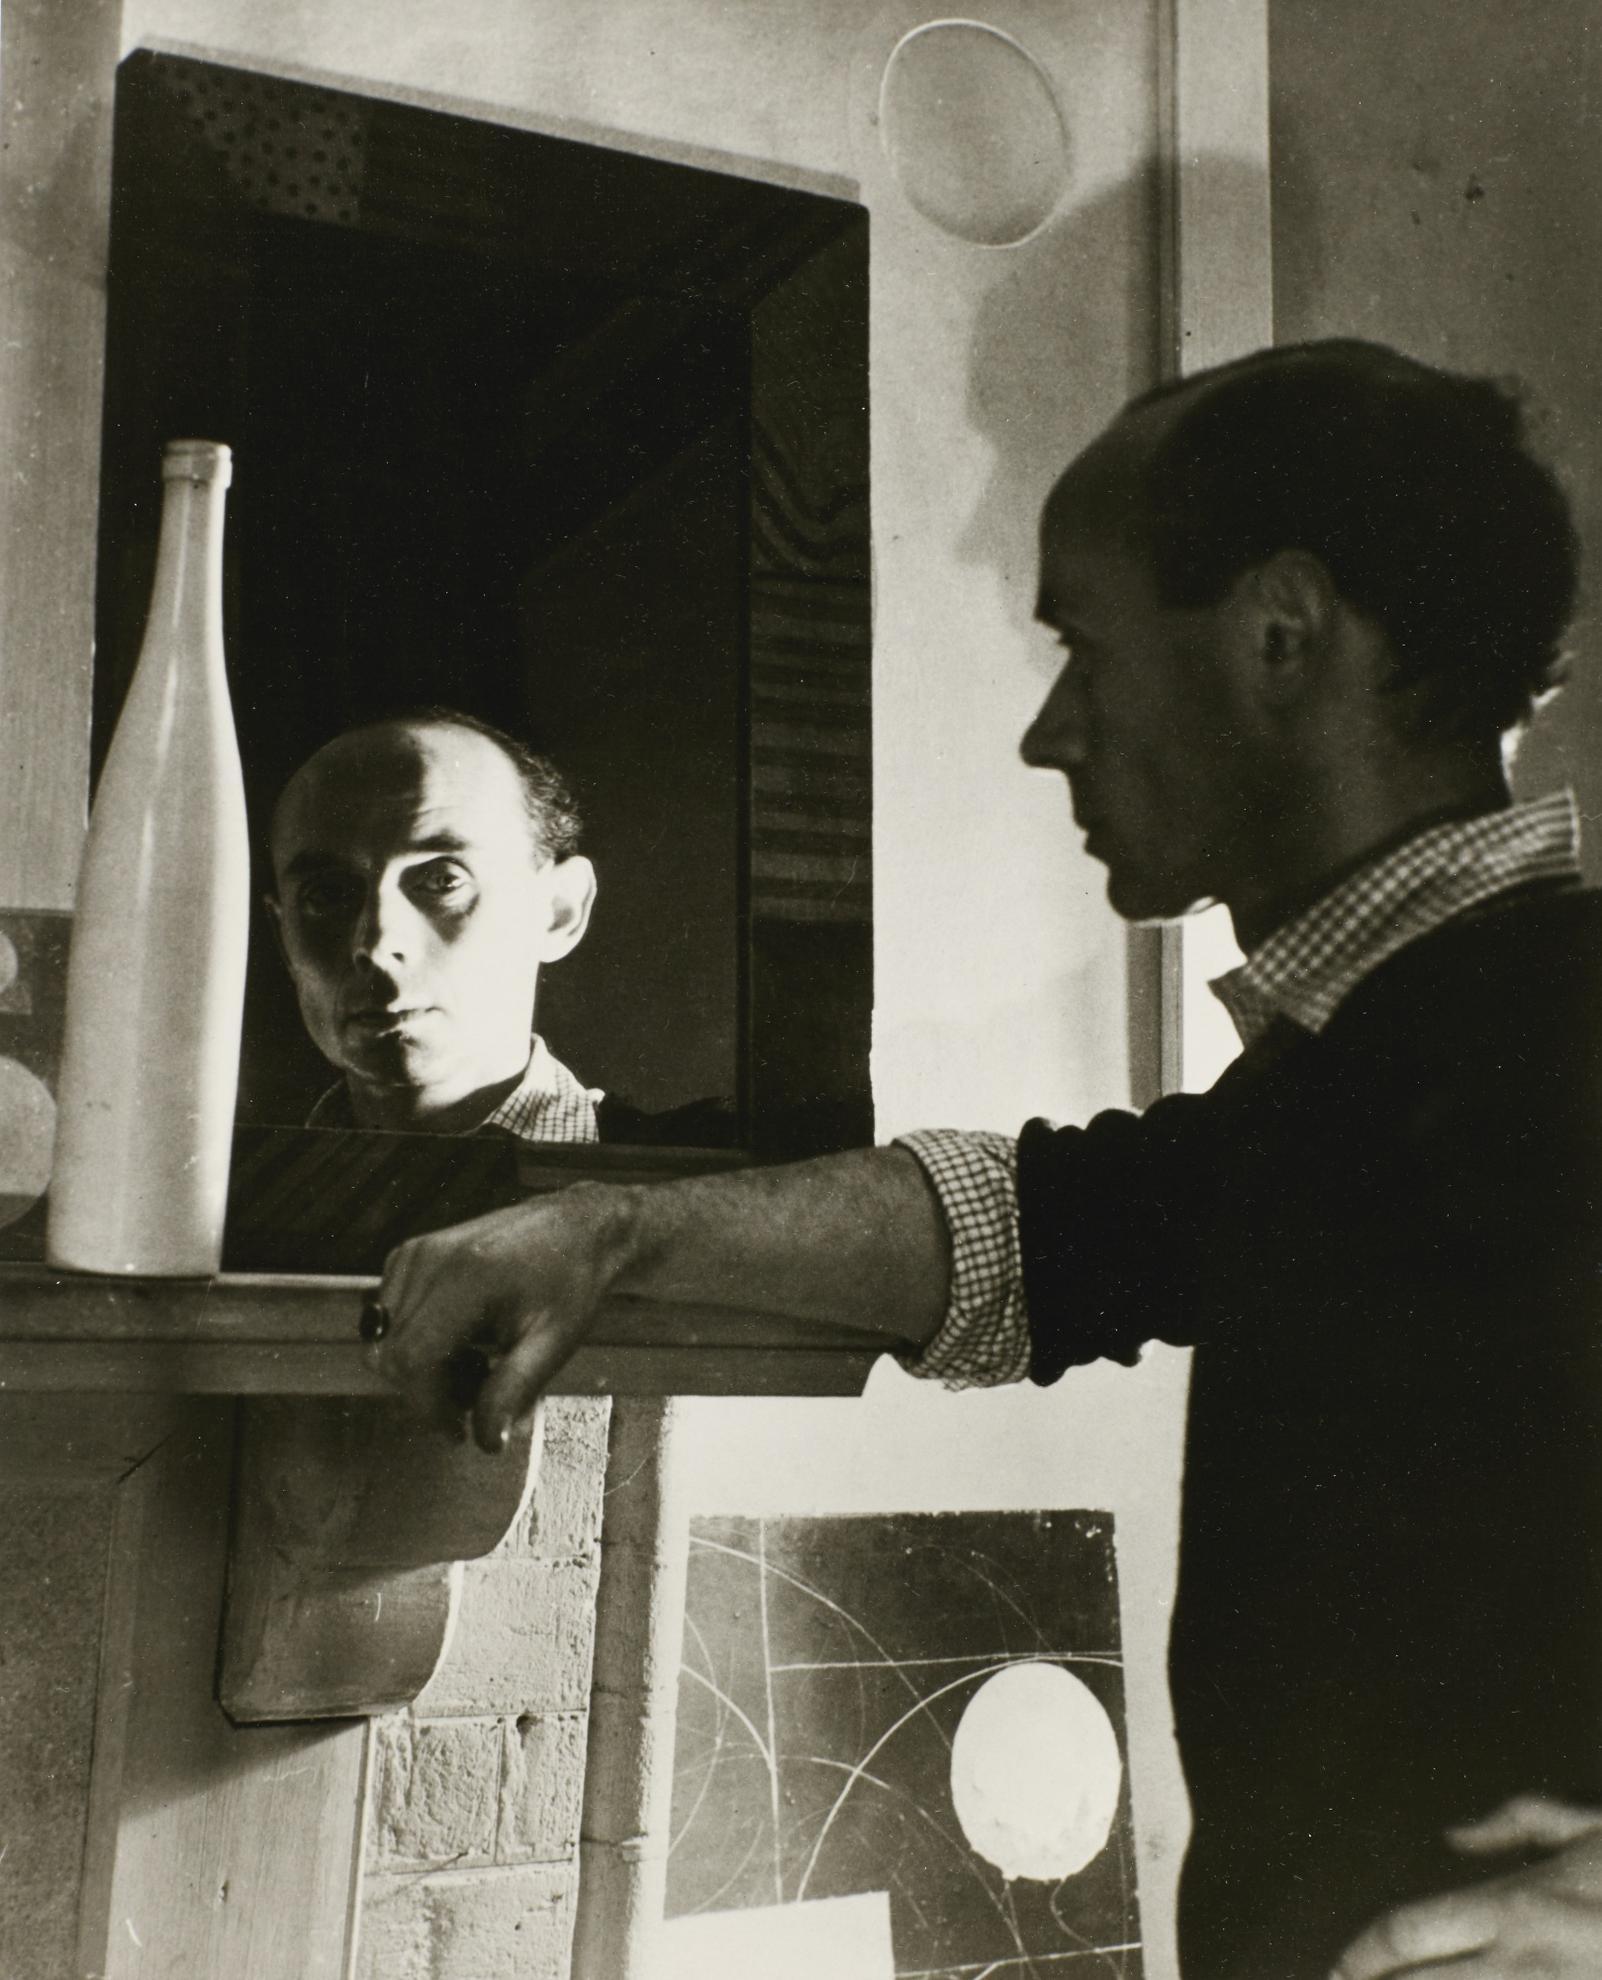 Humphrey Spender-Ben Nicholson In Hampstead, Circa 1935-1935